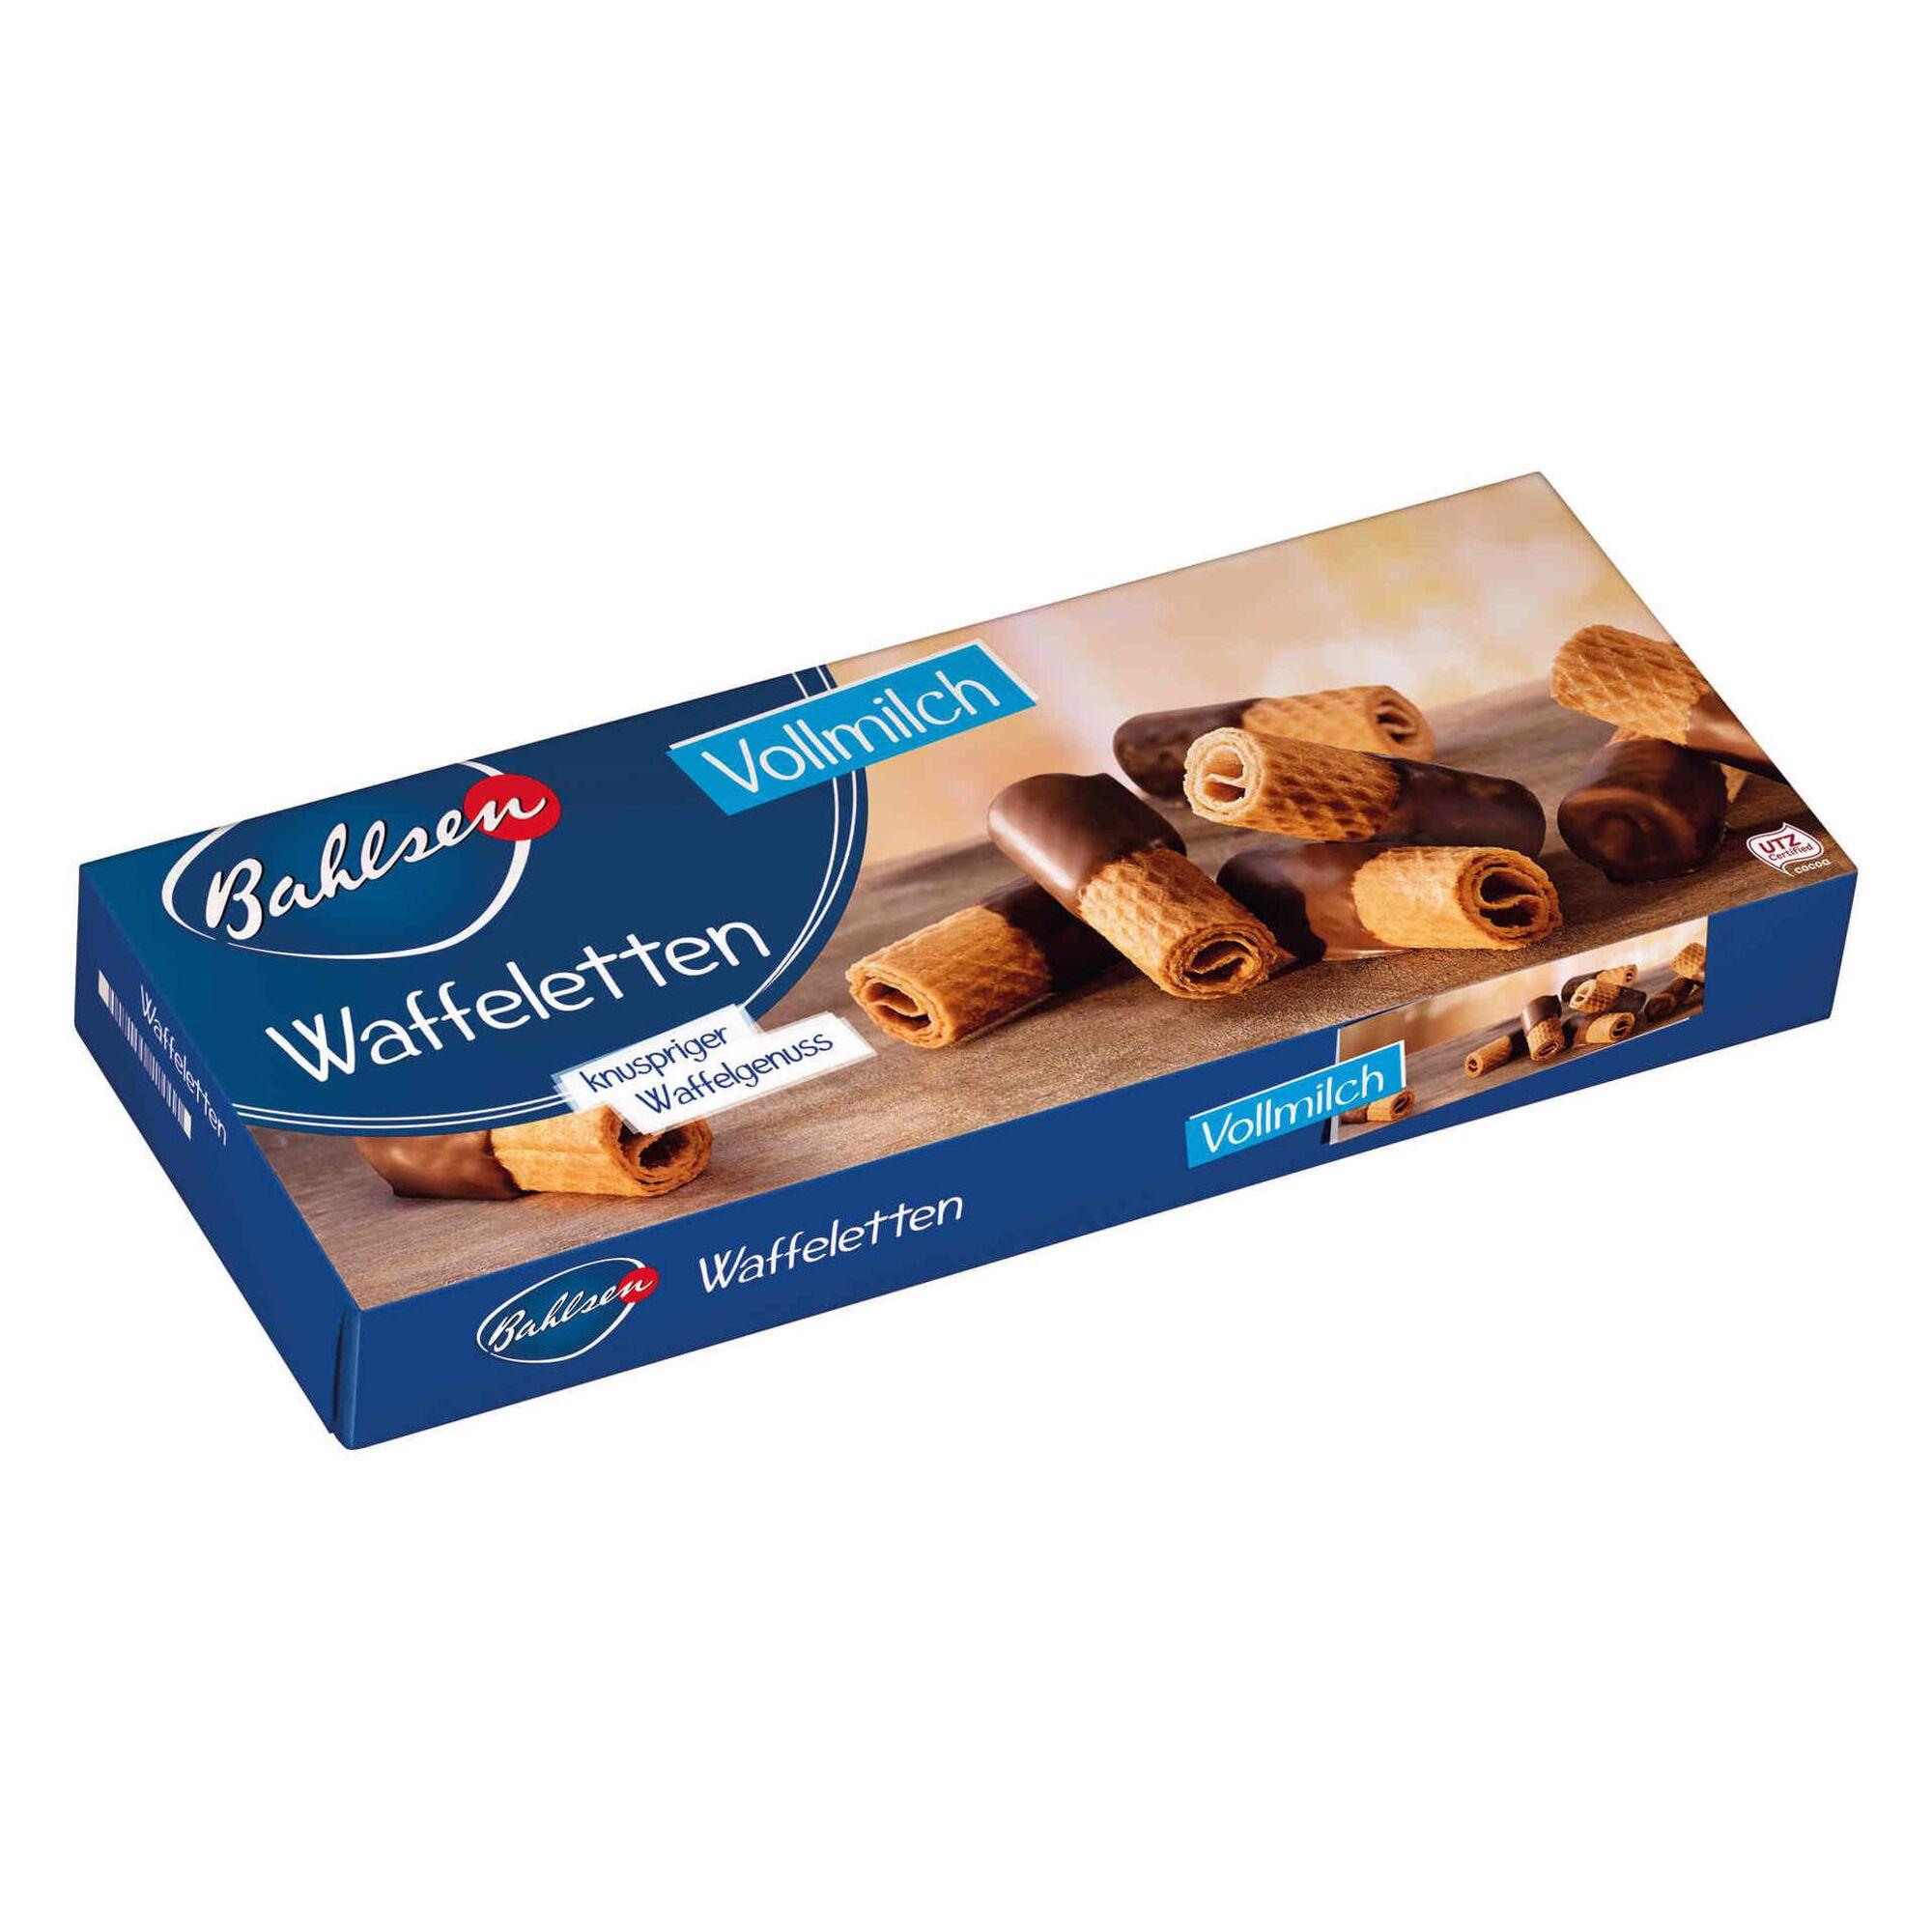 Bolachas Wafer com Chocolate de Leite Waffeletten